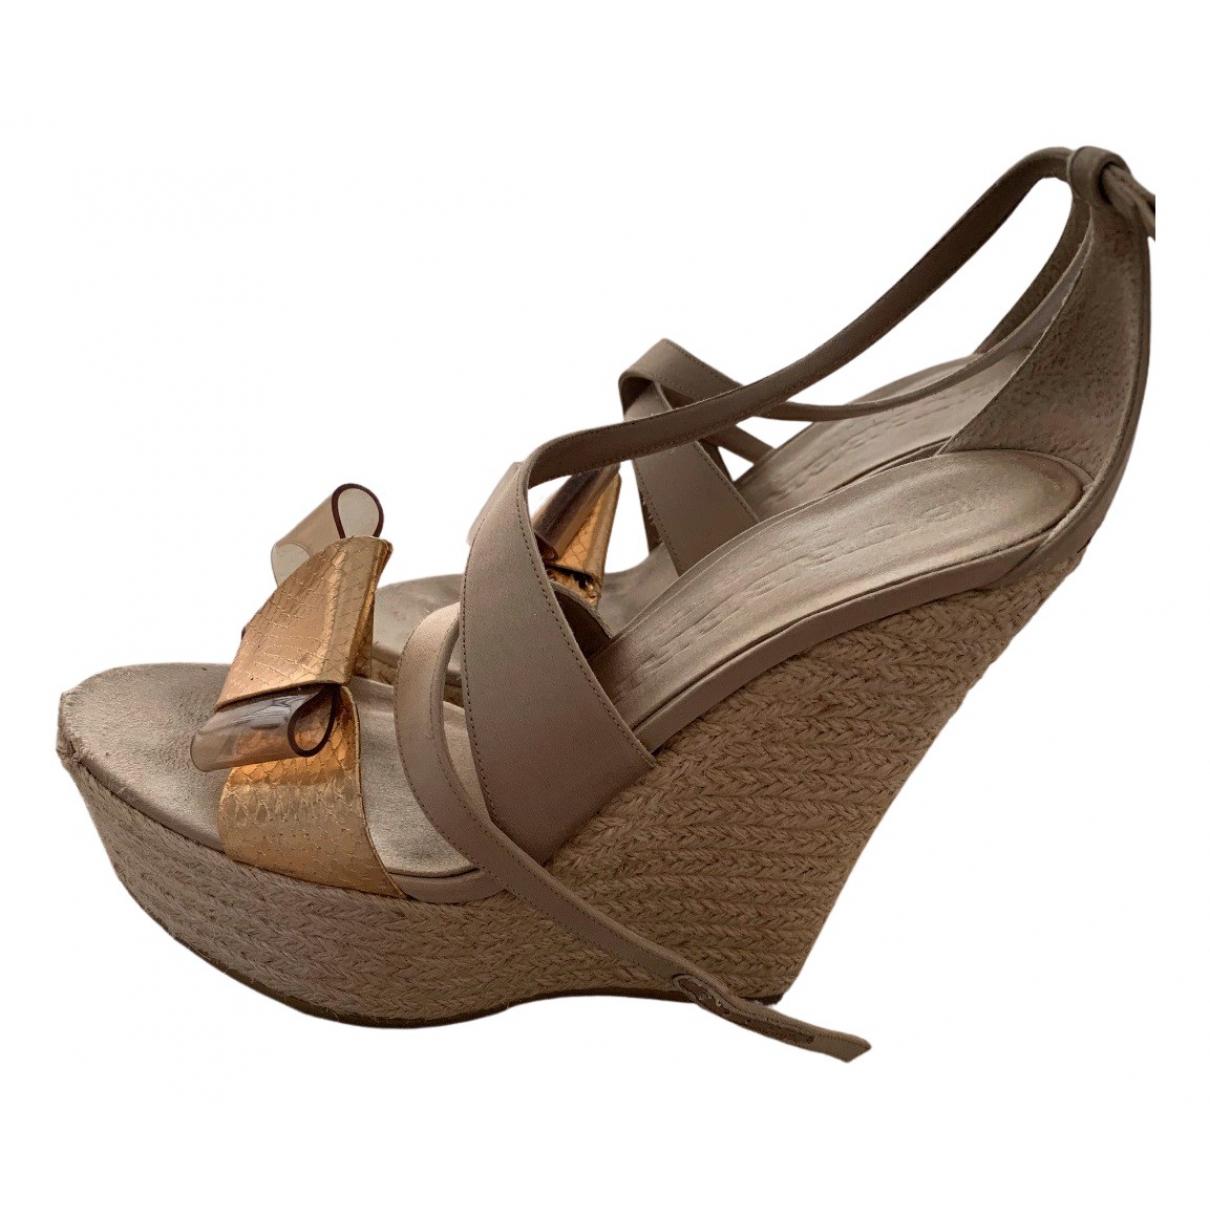 Sandalias romanas de Cuero Burberry